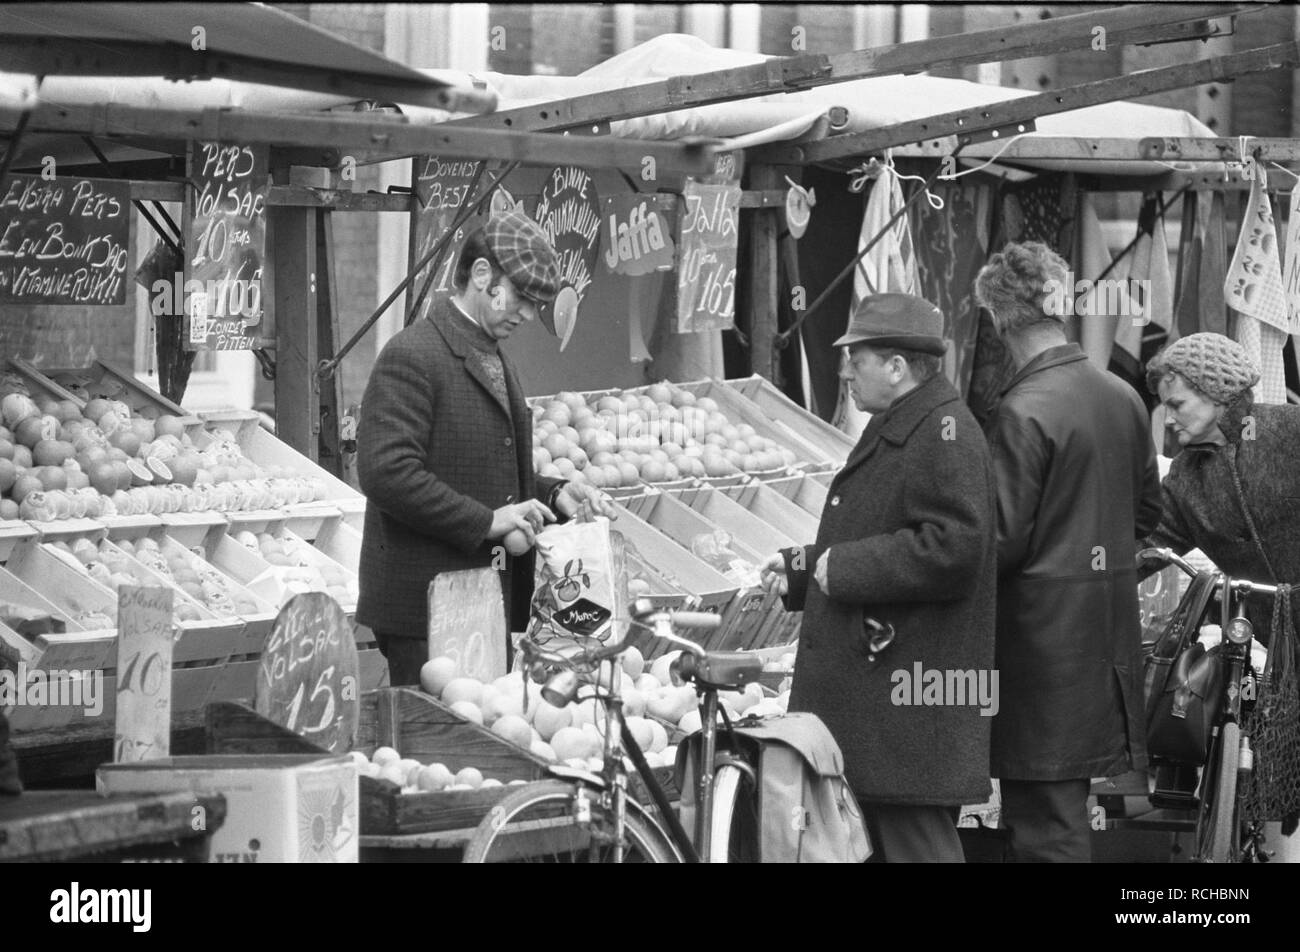 Albert Cuypmarkt verplaatst naar Sarphatipark ivm werkzaamheden markt, Bestanddeelnr 925-5072. Stock Photo